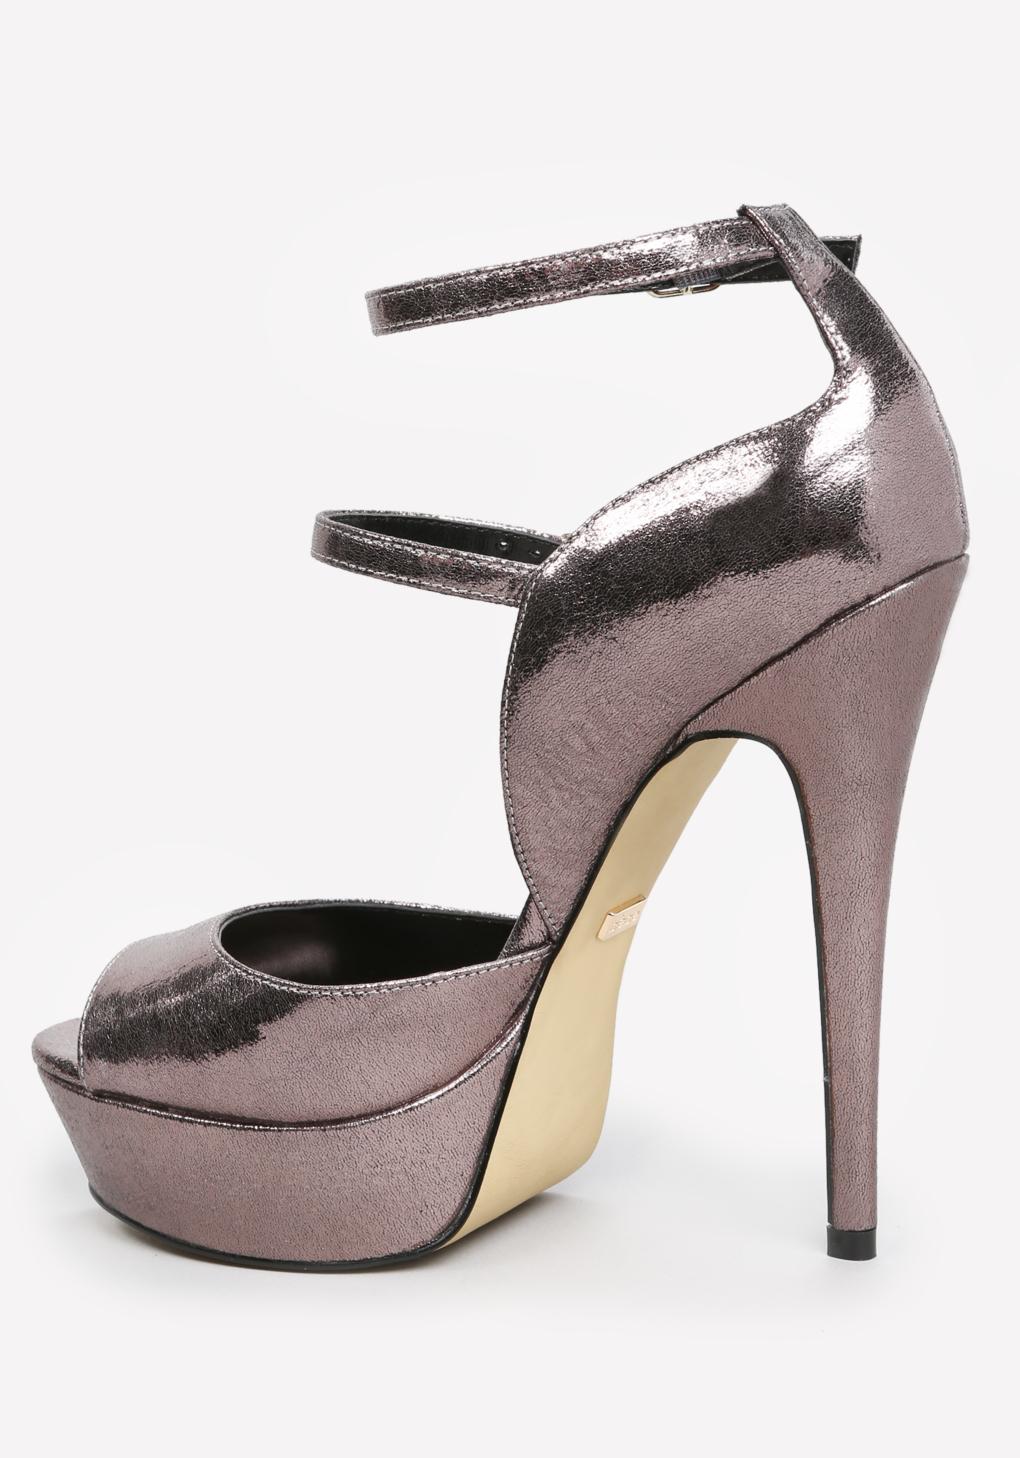 Lyst Bebe Allice Platform Sandals In Metallic